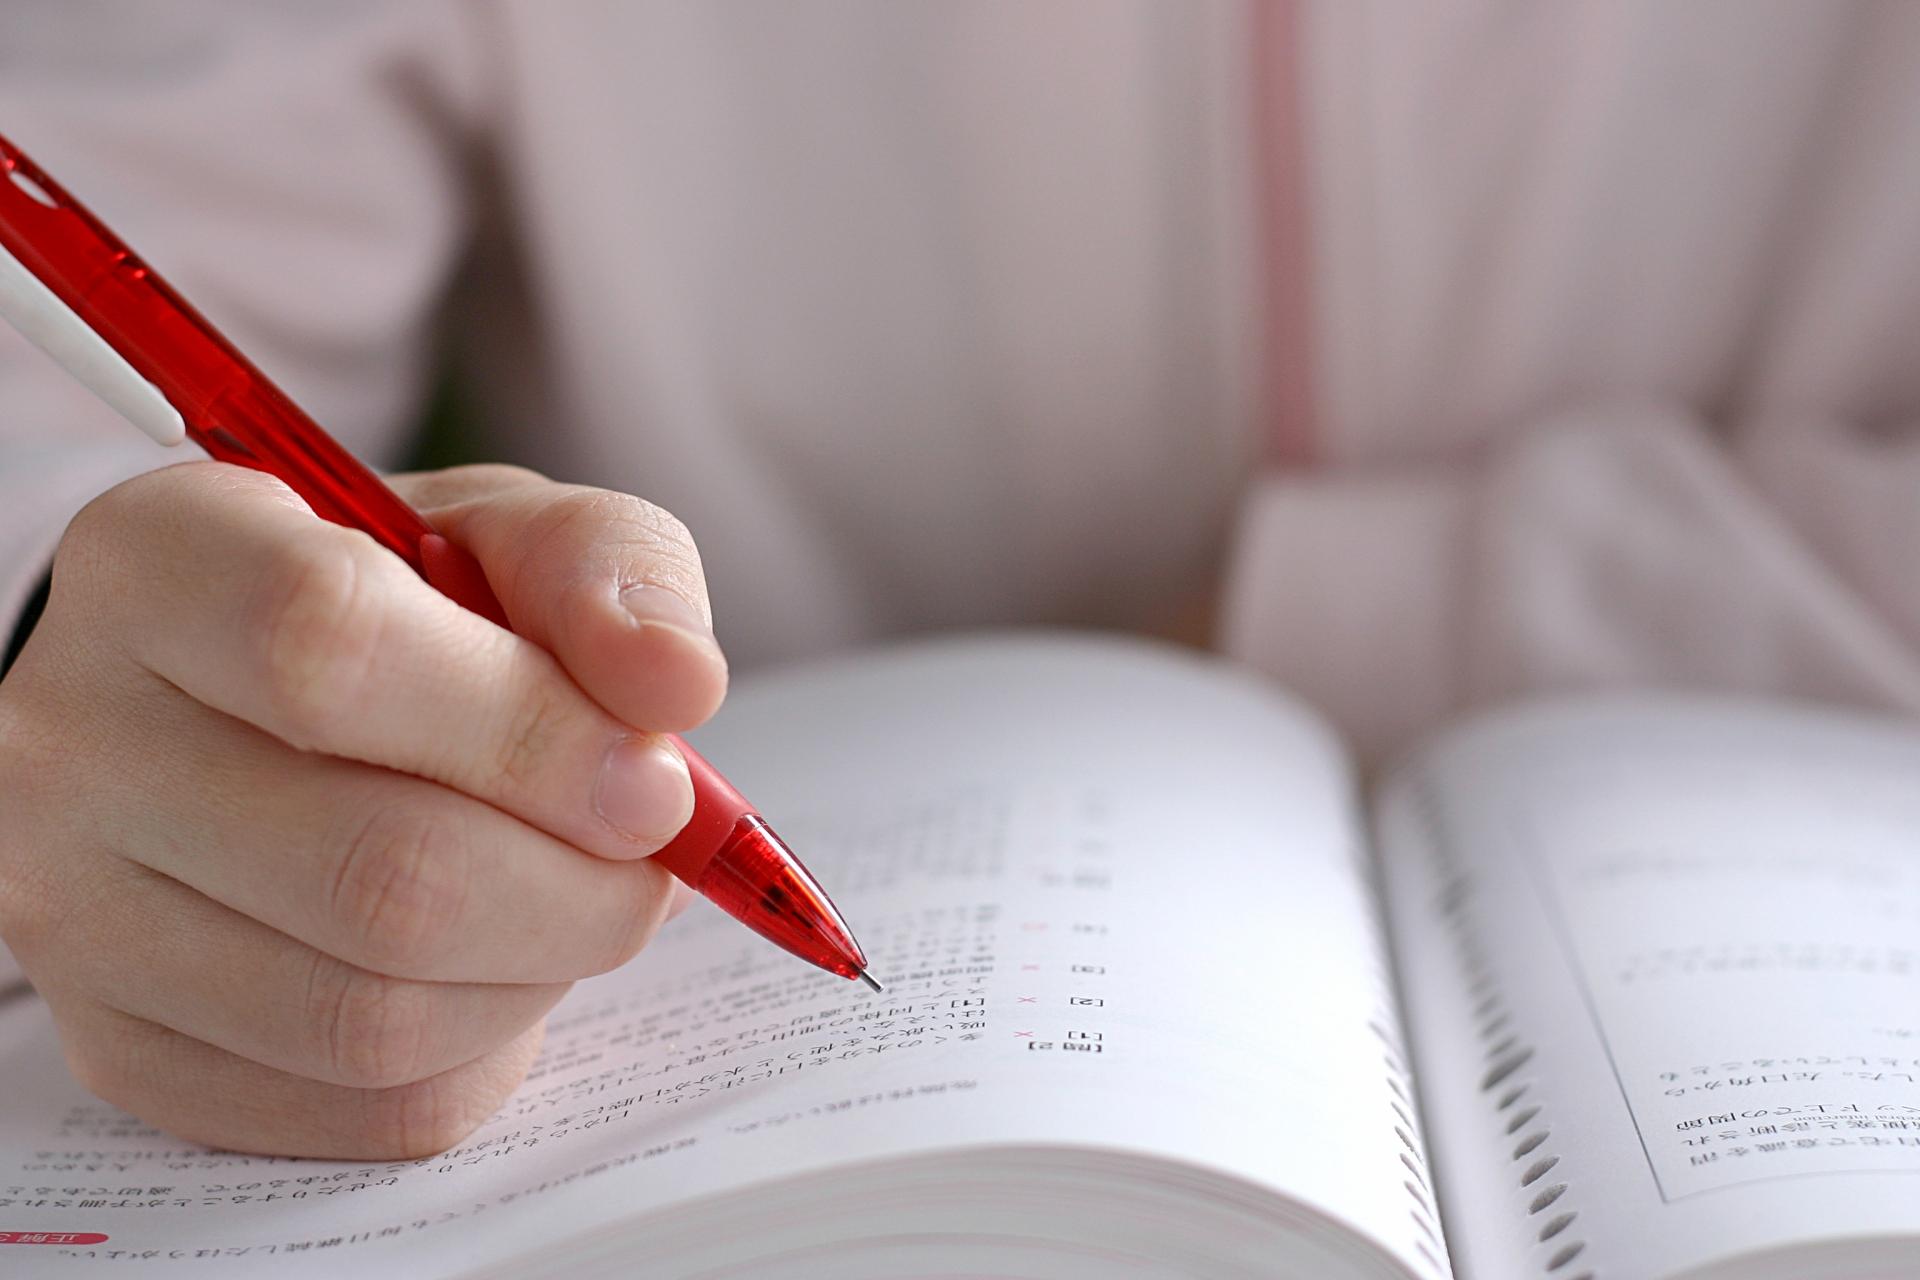 大学受験で緊張しない方法「過去問を解く」